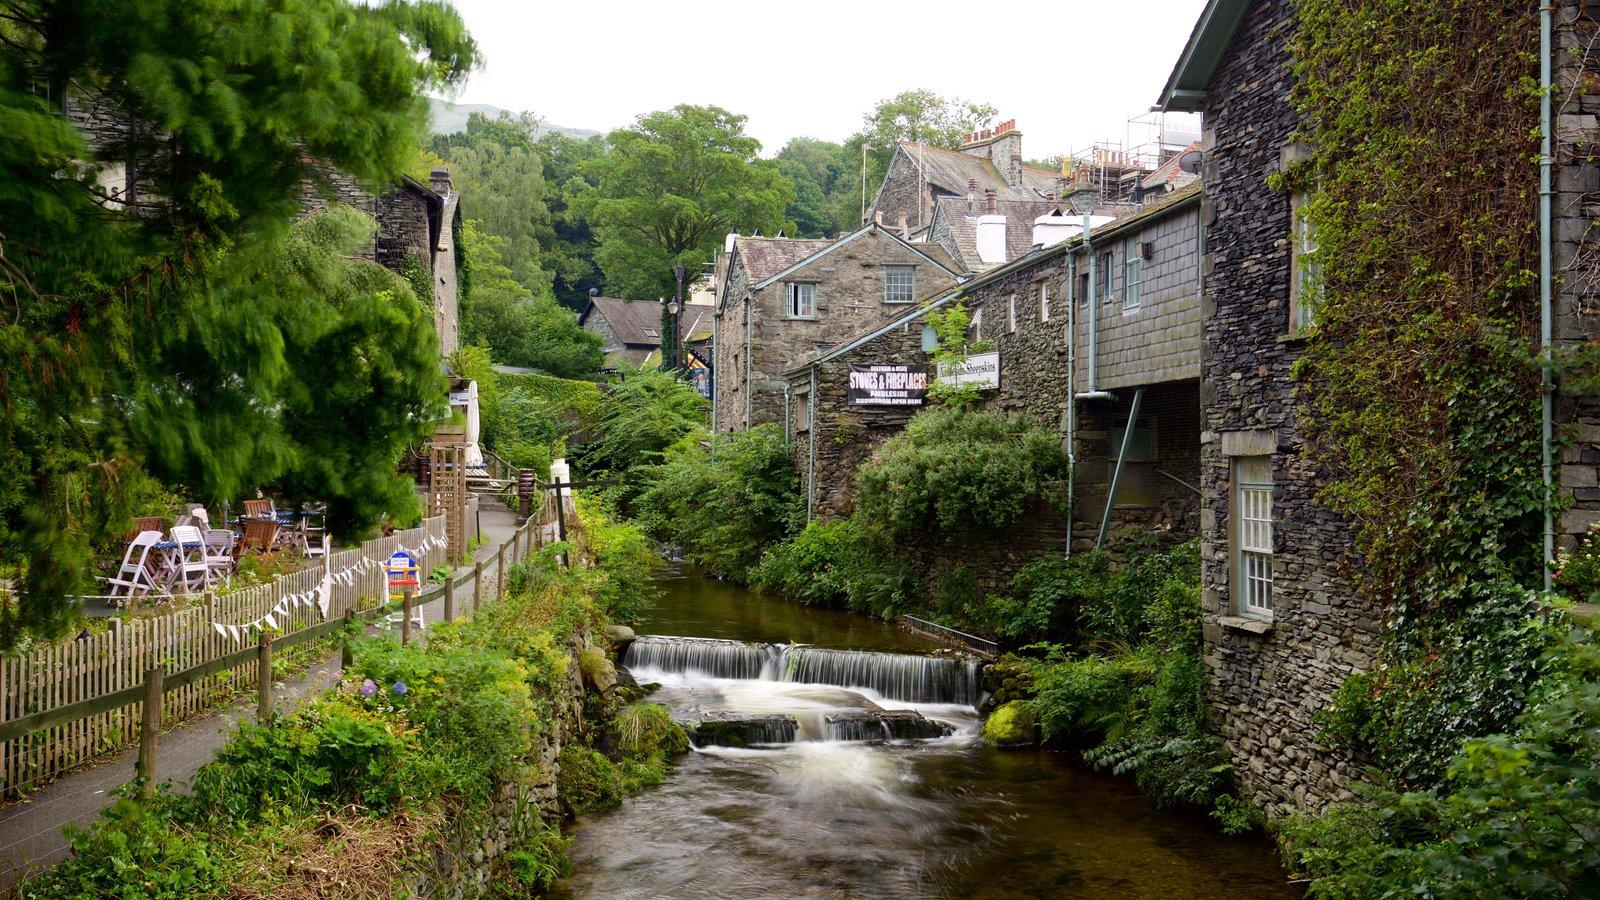 Ambleside que inclui um rio ou córrego, arquitetura de patrimônio e uma cidade pequena ou vila